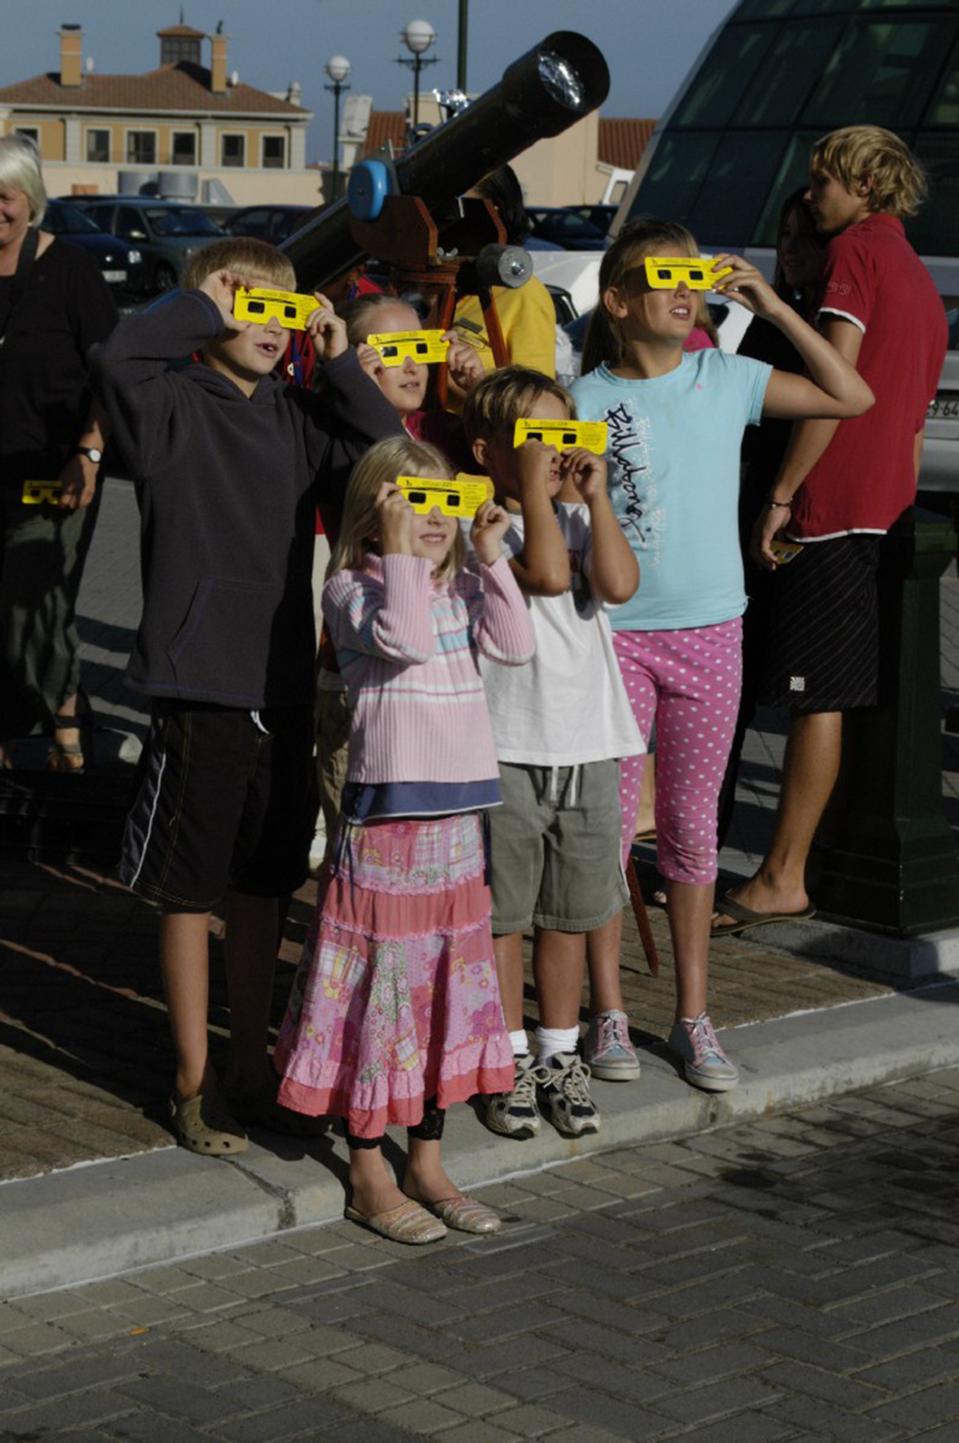 Fotografia przedstawiająca grupę dzieci wróżnym wieku oglądających zaćmienie Słońca, przez specjalne okulary wżółtych oprawach. Za nimi widoczna luneta skierowana wniebo.